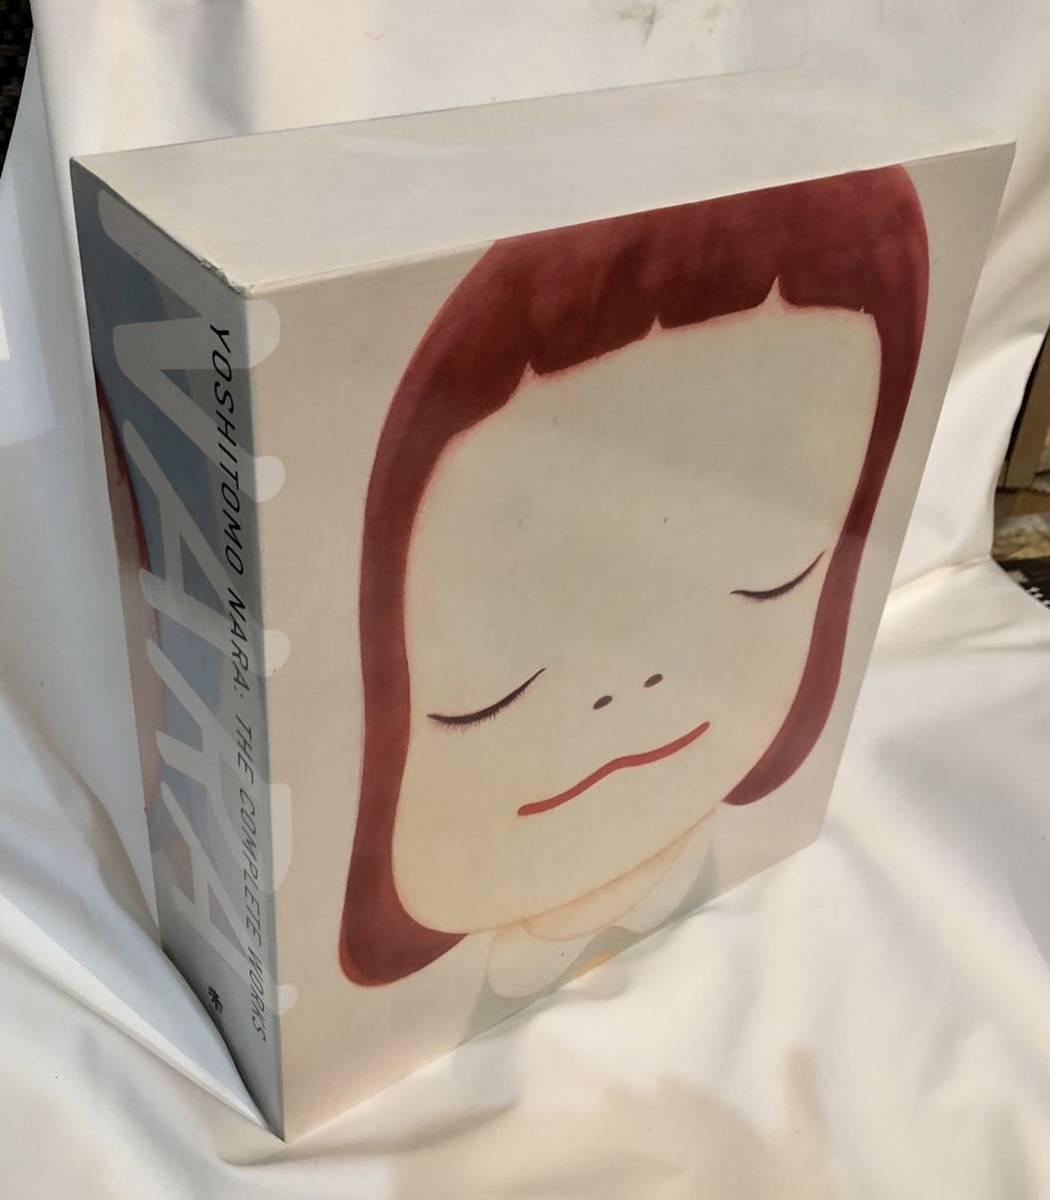 奈良美智 全作品集 1984-2010 Yoshitomo Nara: The Complete Works_画像1